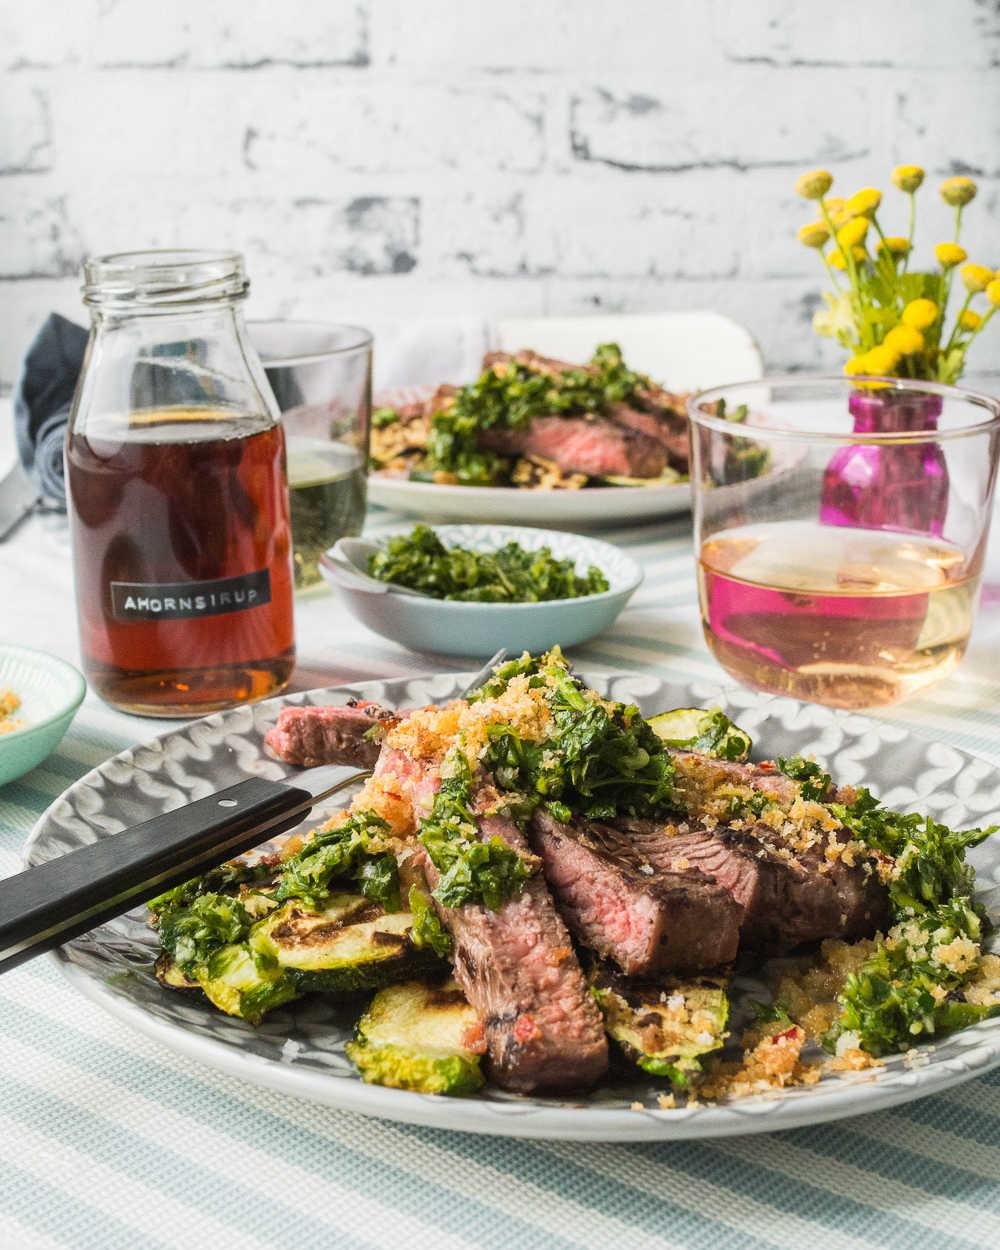 Steak und Zucchini vom Grill mit grüner Salsa und pikanten Knusper-Bröseln |Gourmetguerilla.de